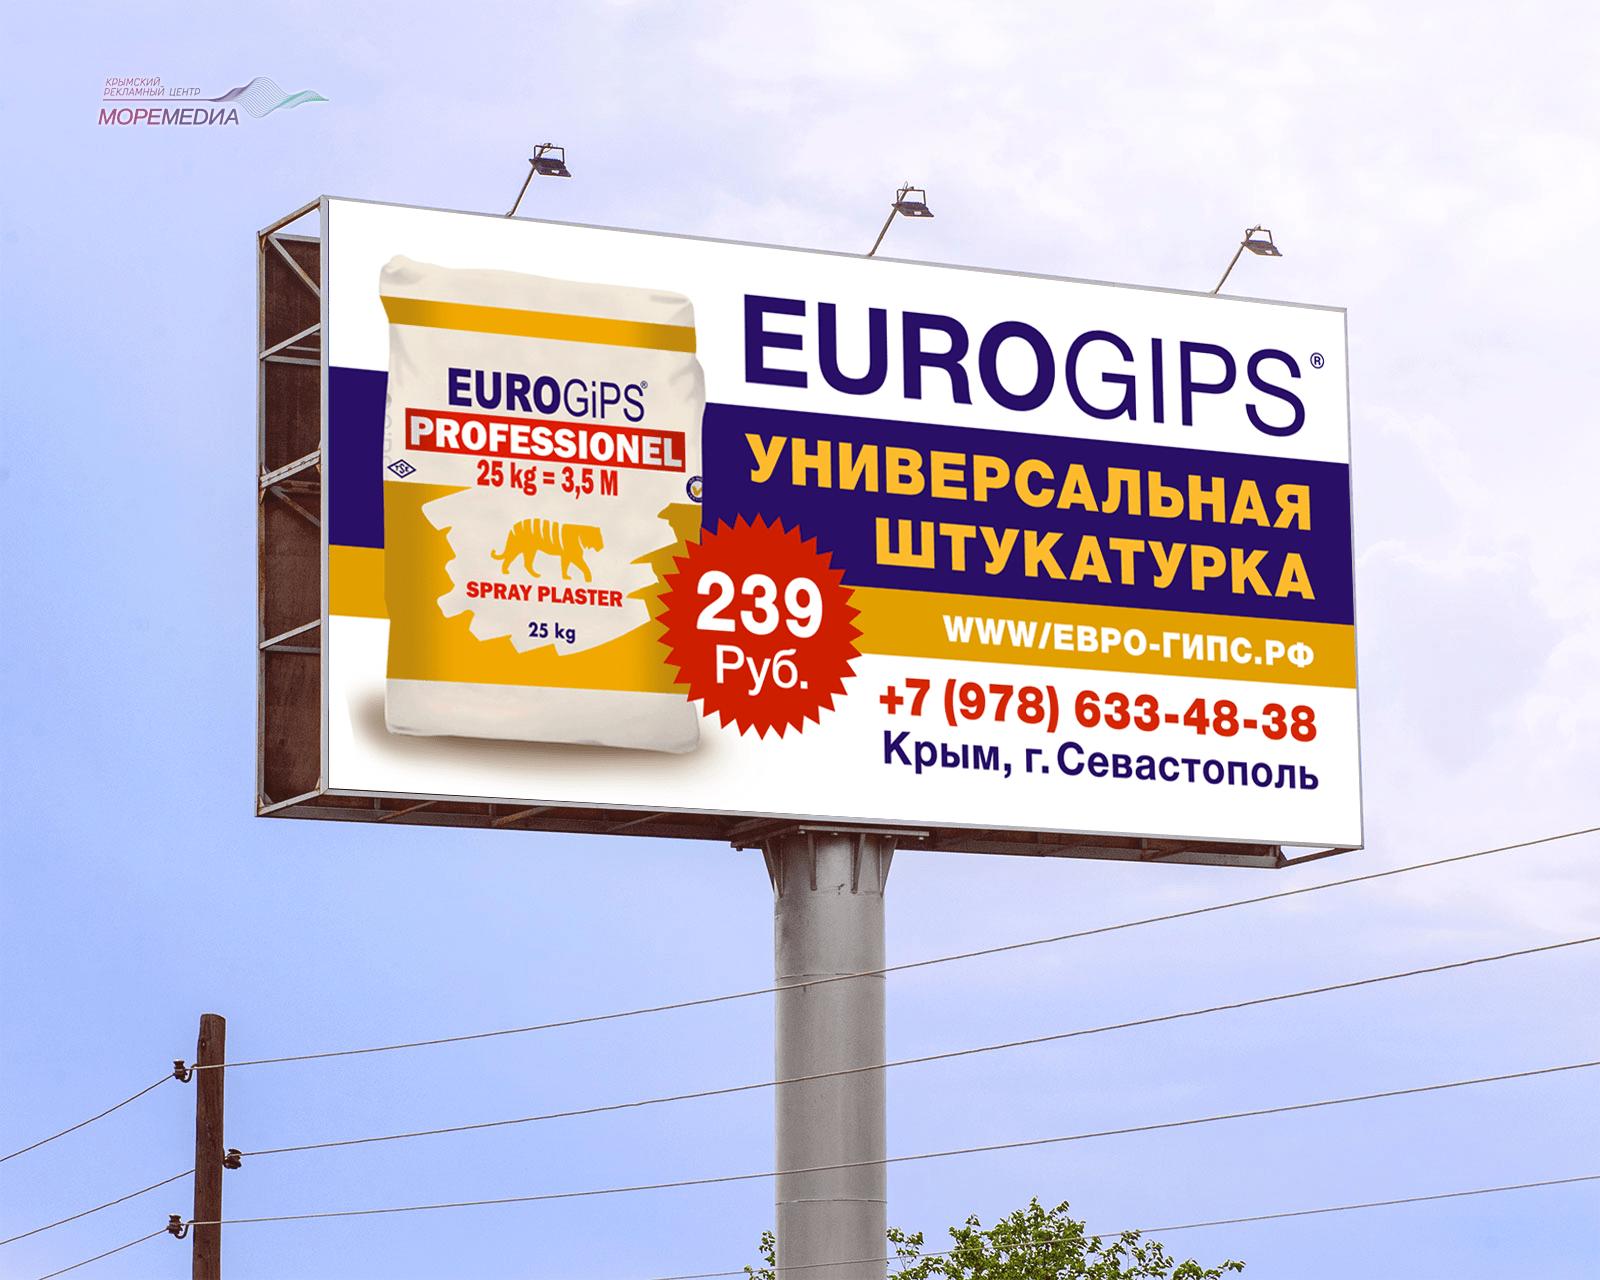 Еврогипс1